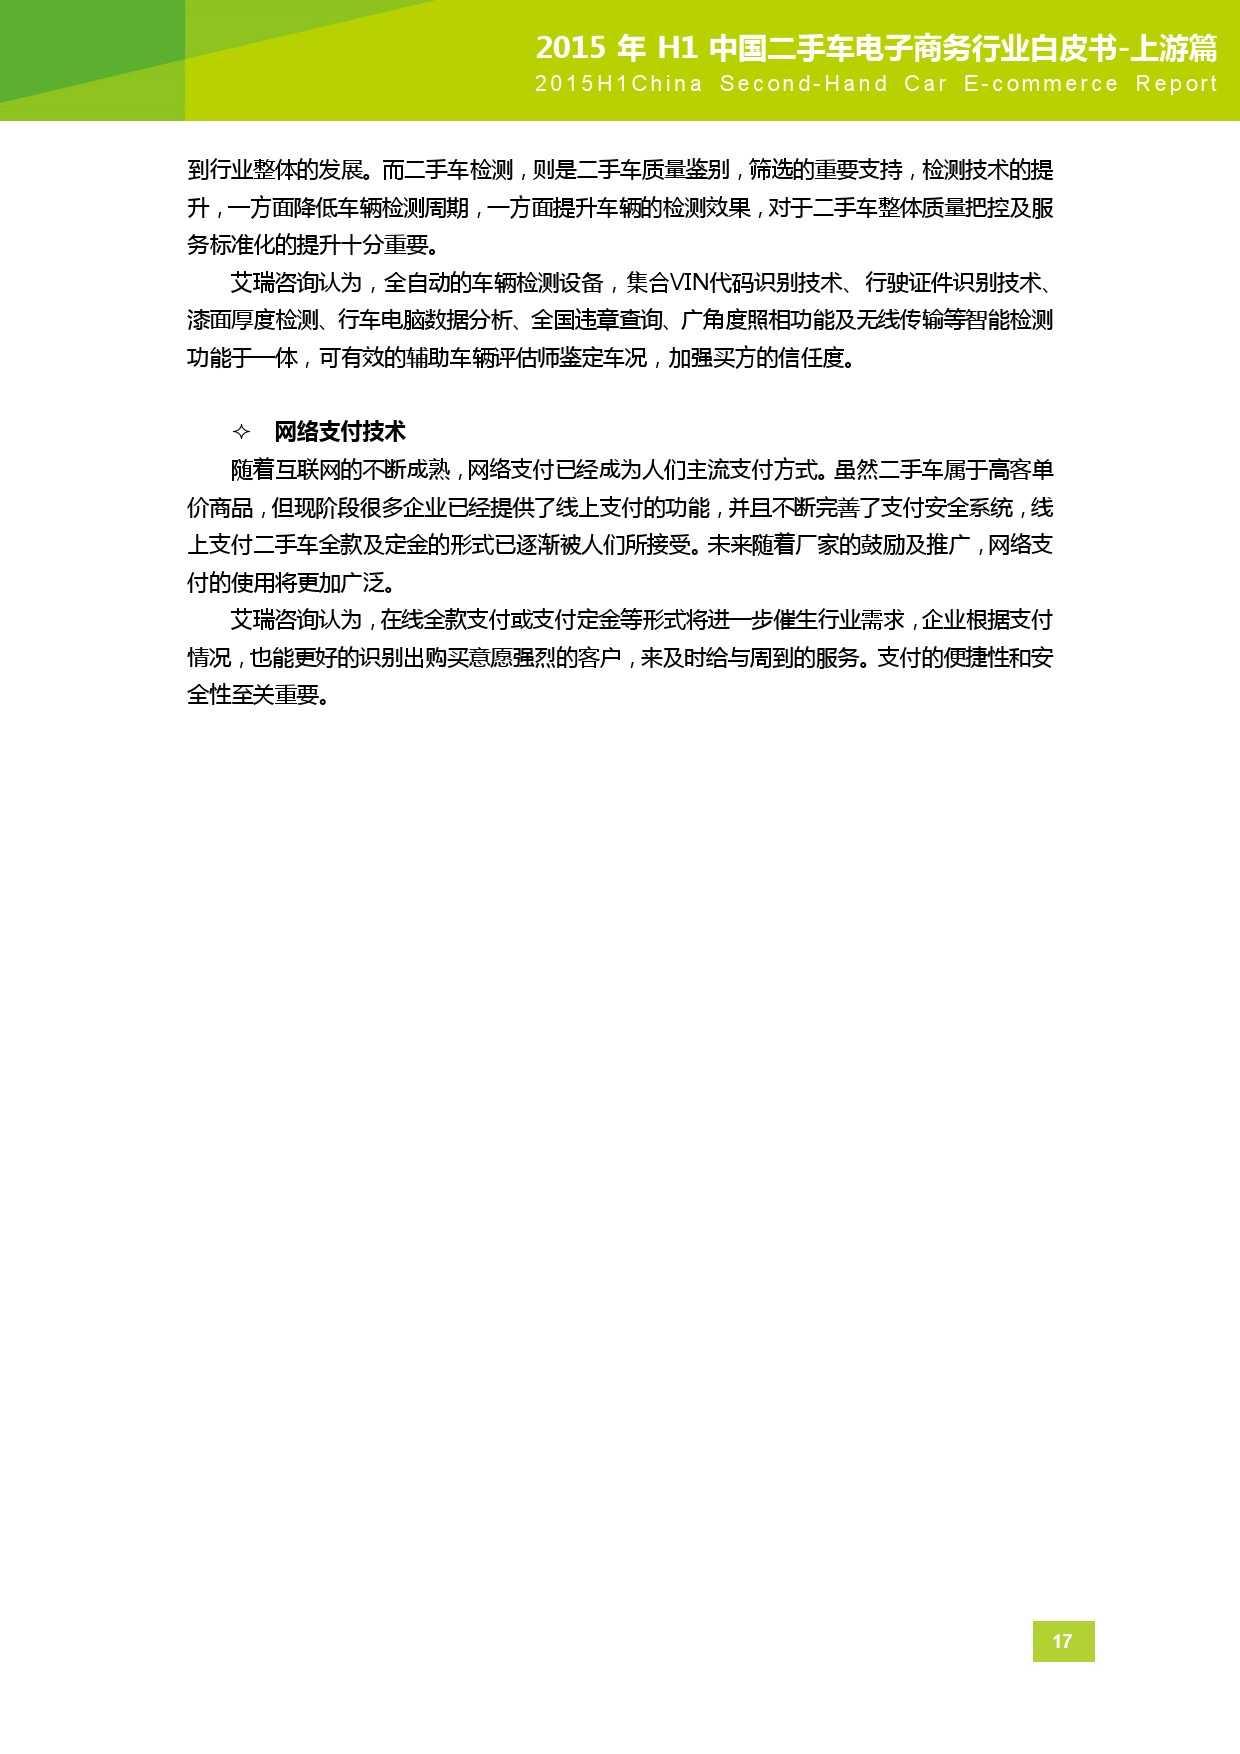 2015年中国二手车电子商务行业白皮书-上游篇_000018